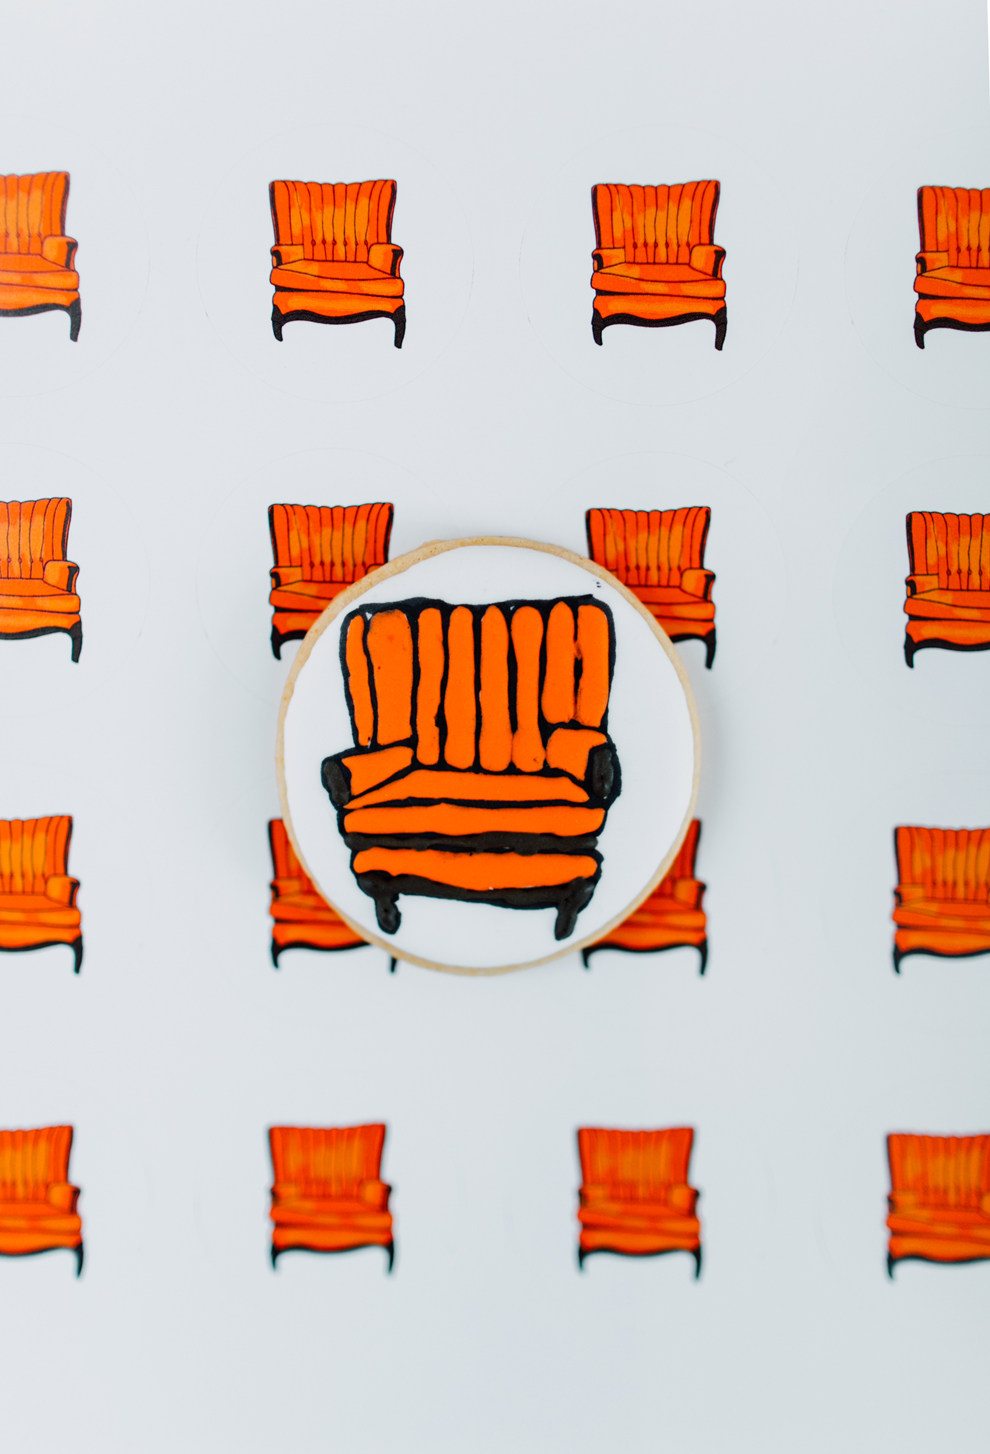 007-morgan-cookies-bellingham-orange-chair-logo-katheryn-moran-photography.jpg